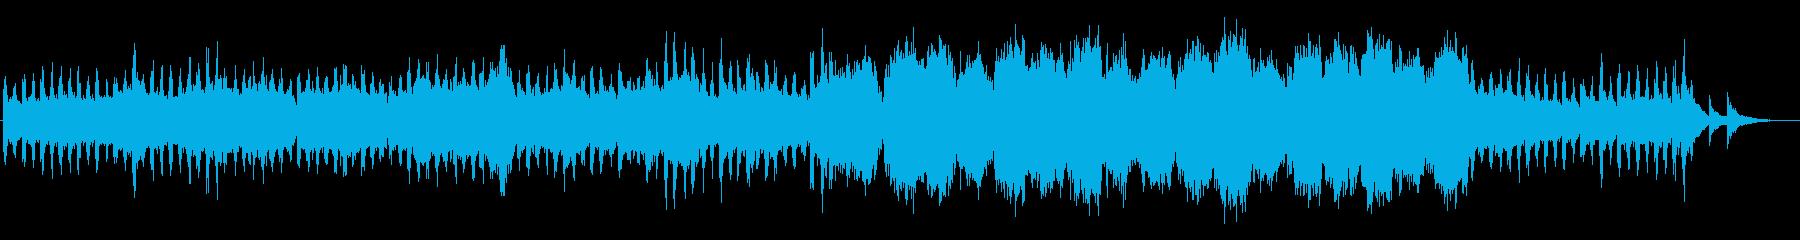 厳正な雰囲気のストリングスの再生済みの波形